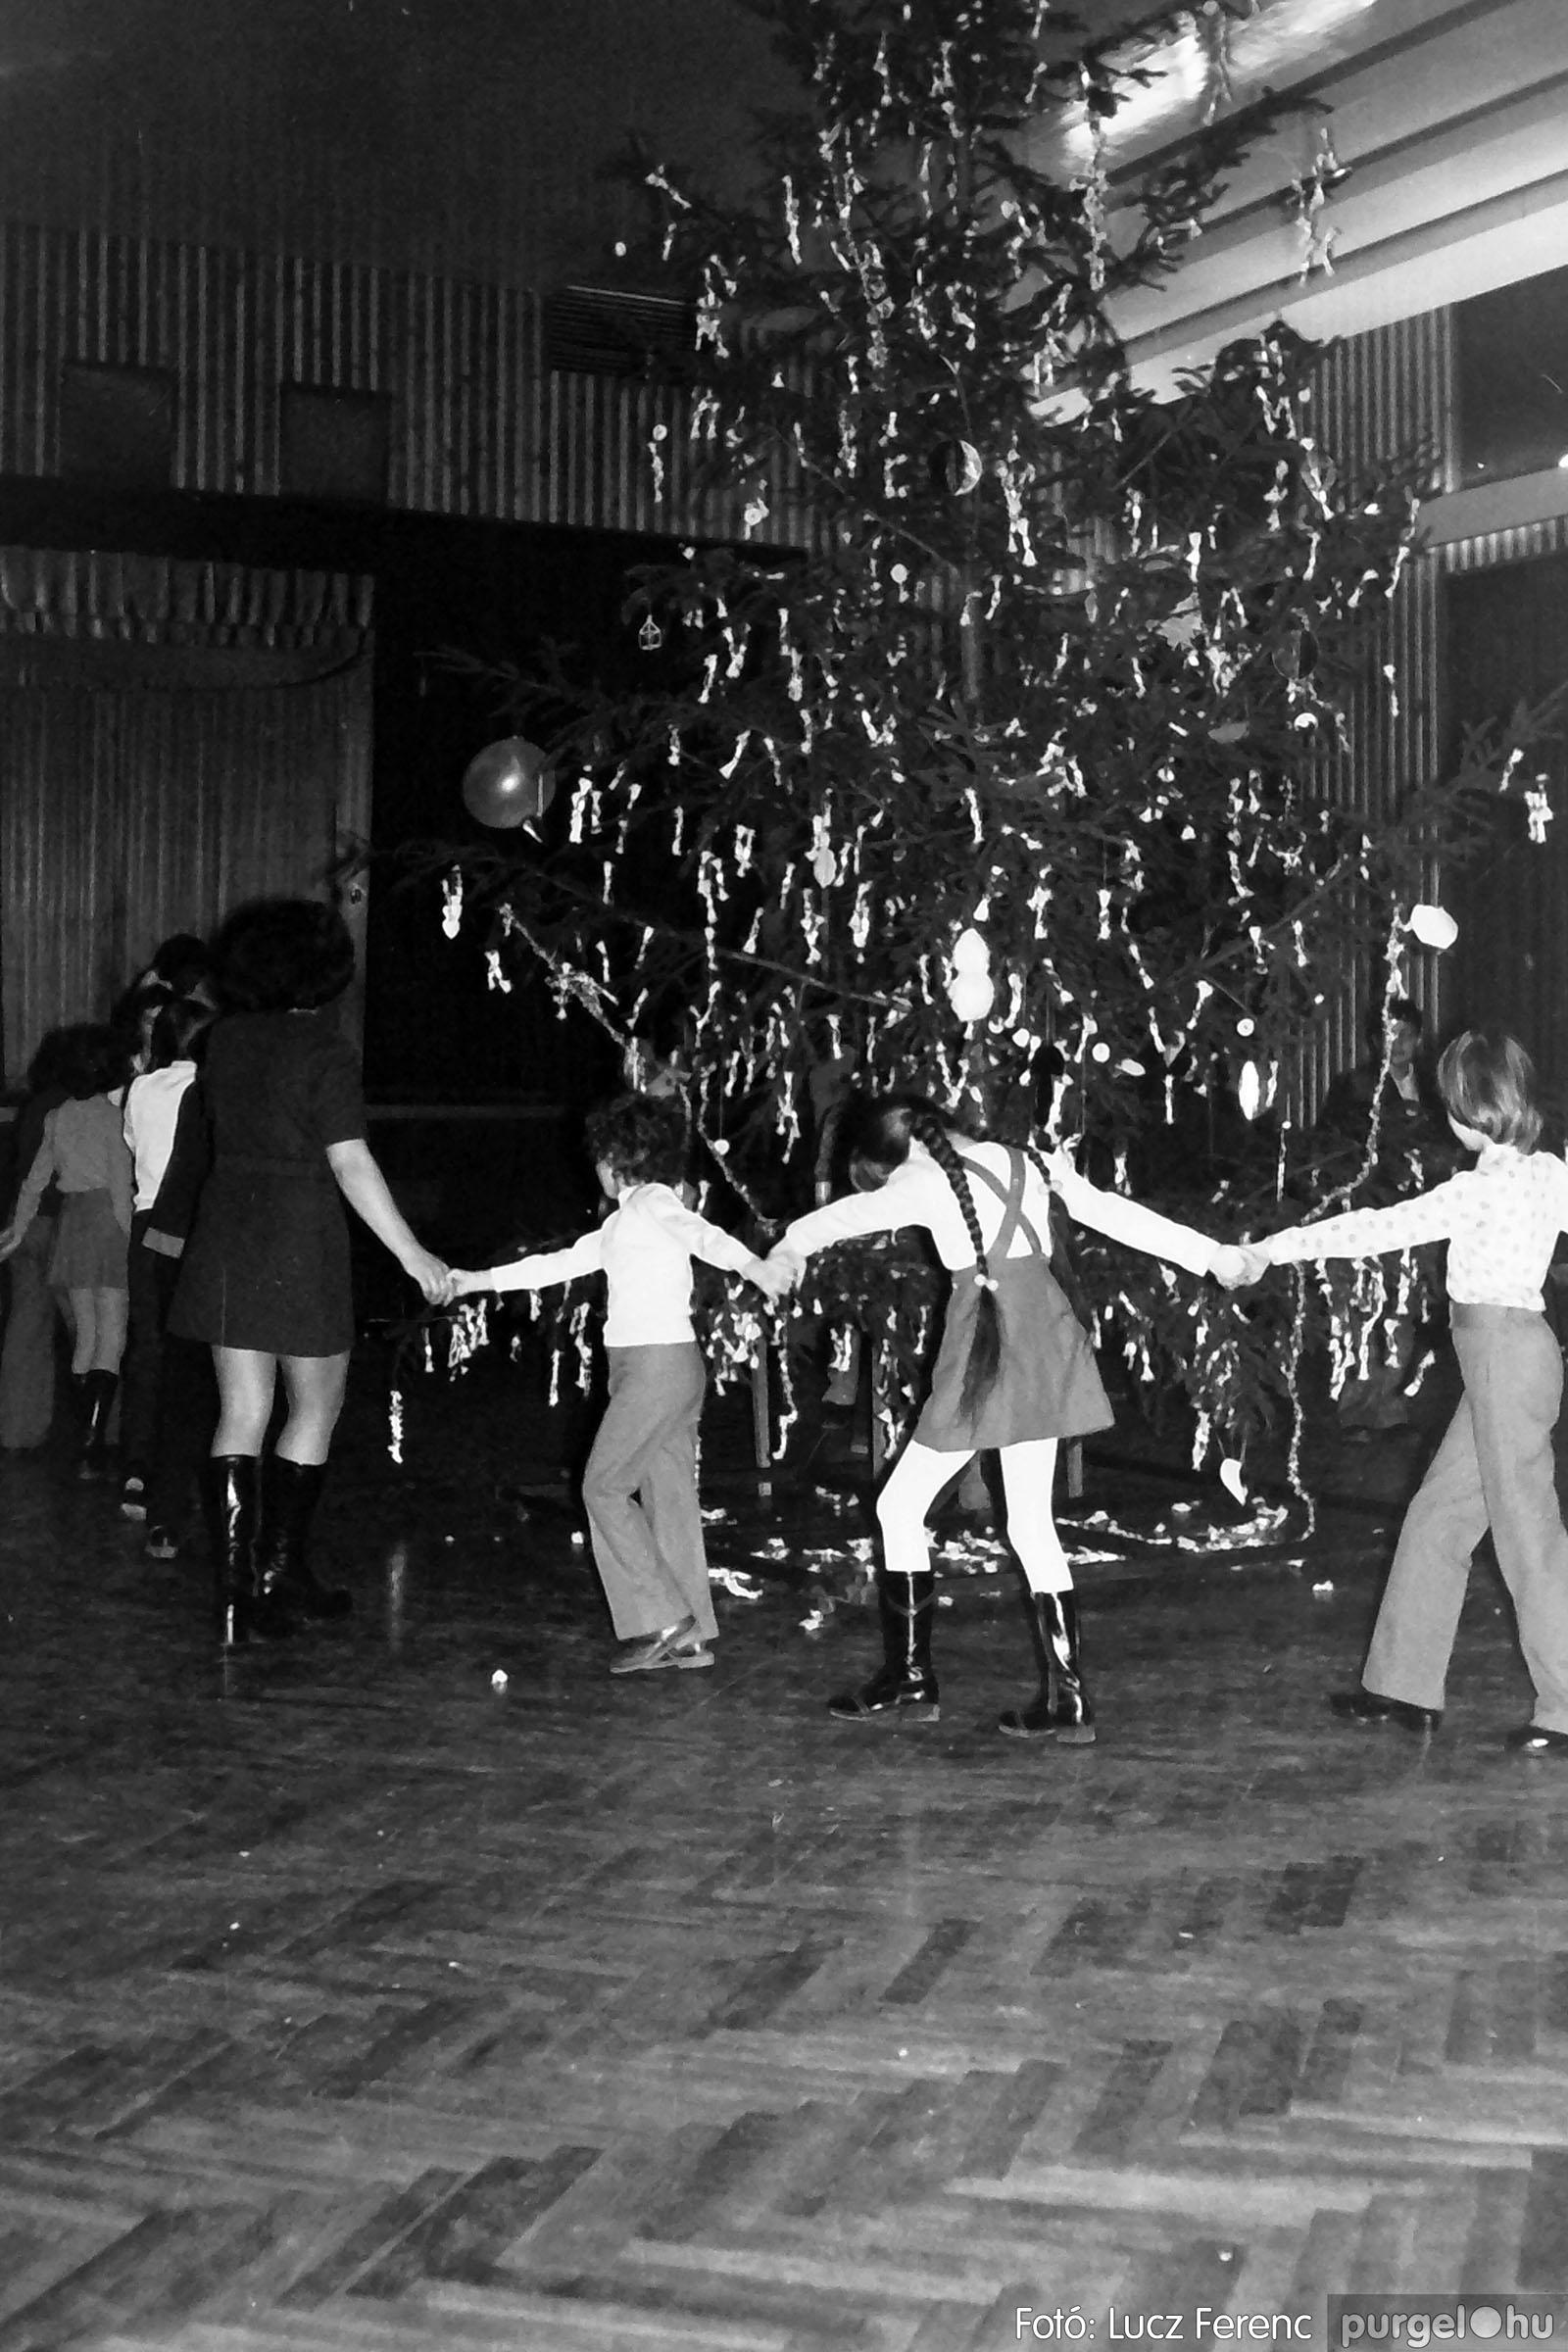 029 1975. Karácsonyi ünnepség a kultúrházban 004 - Fotó: Lucz Ferenc.jpg